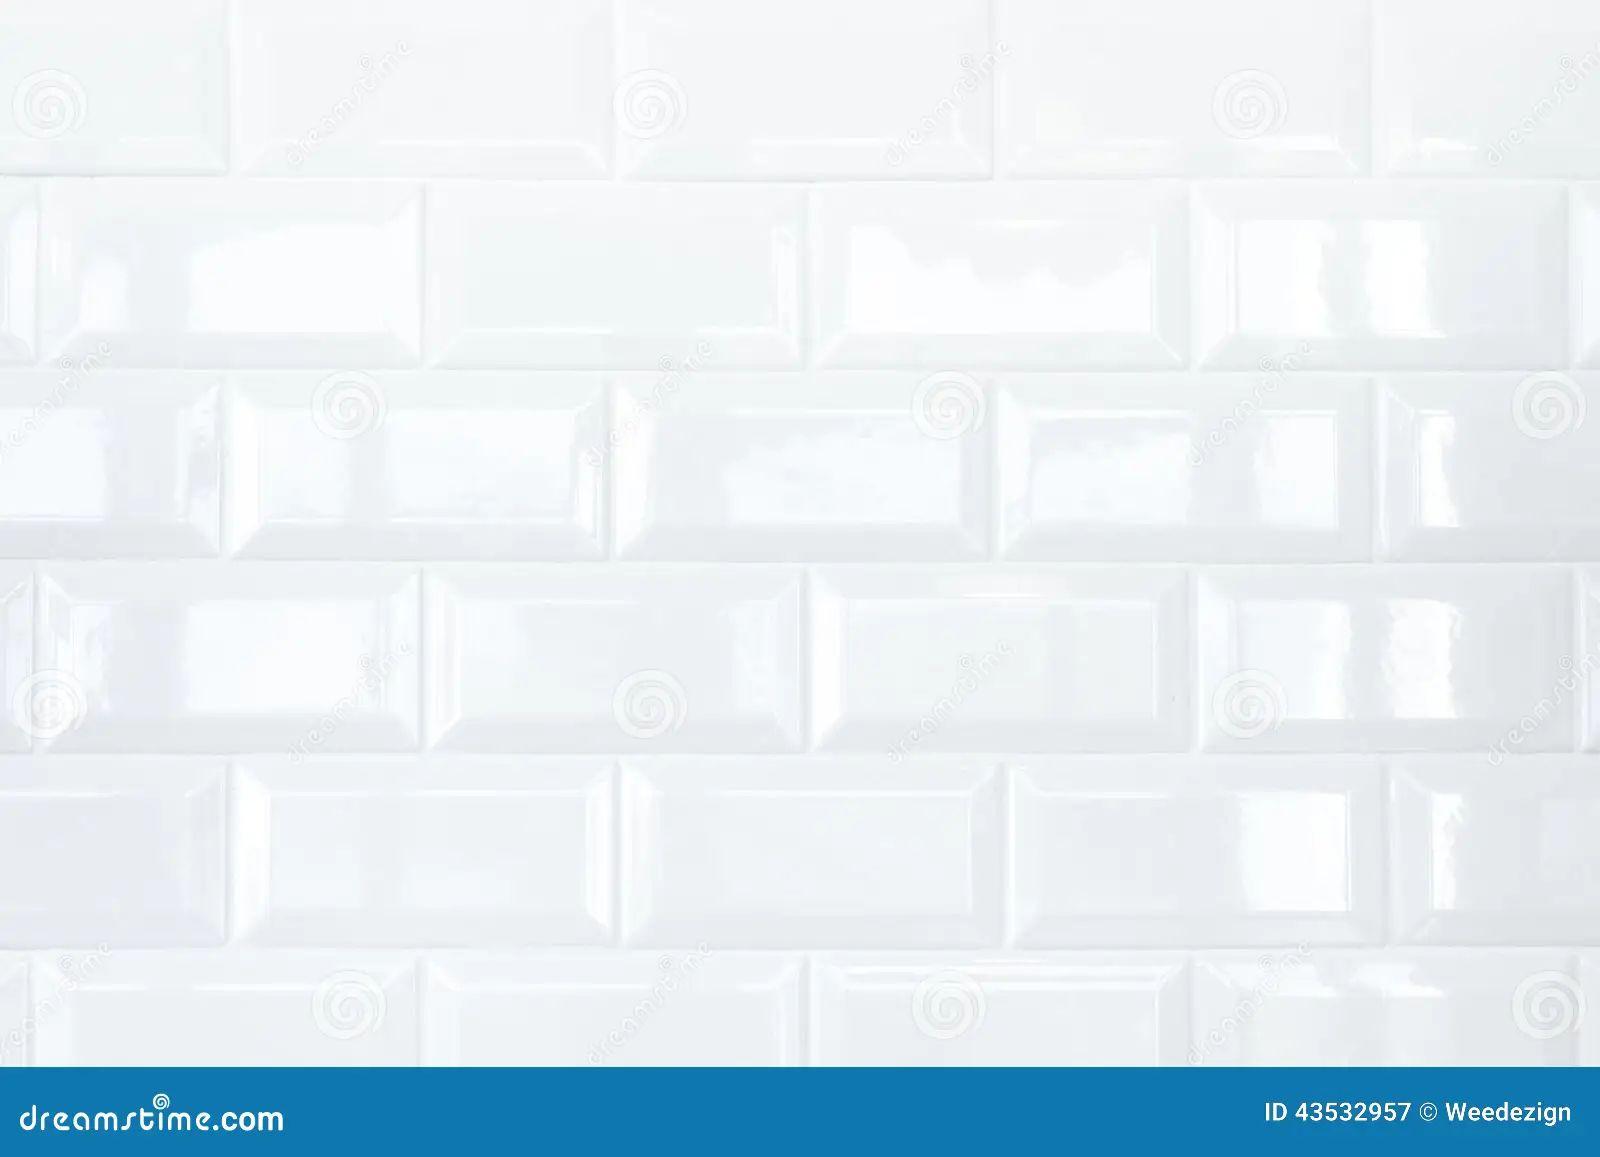 White kitchen wall tiles texture - White Ceramic Tile Brick Wall Stock Photo Image 43532957